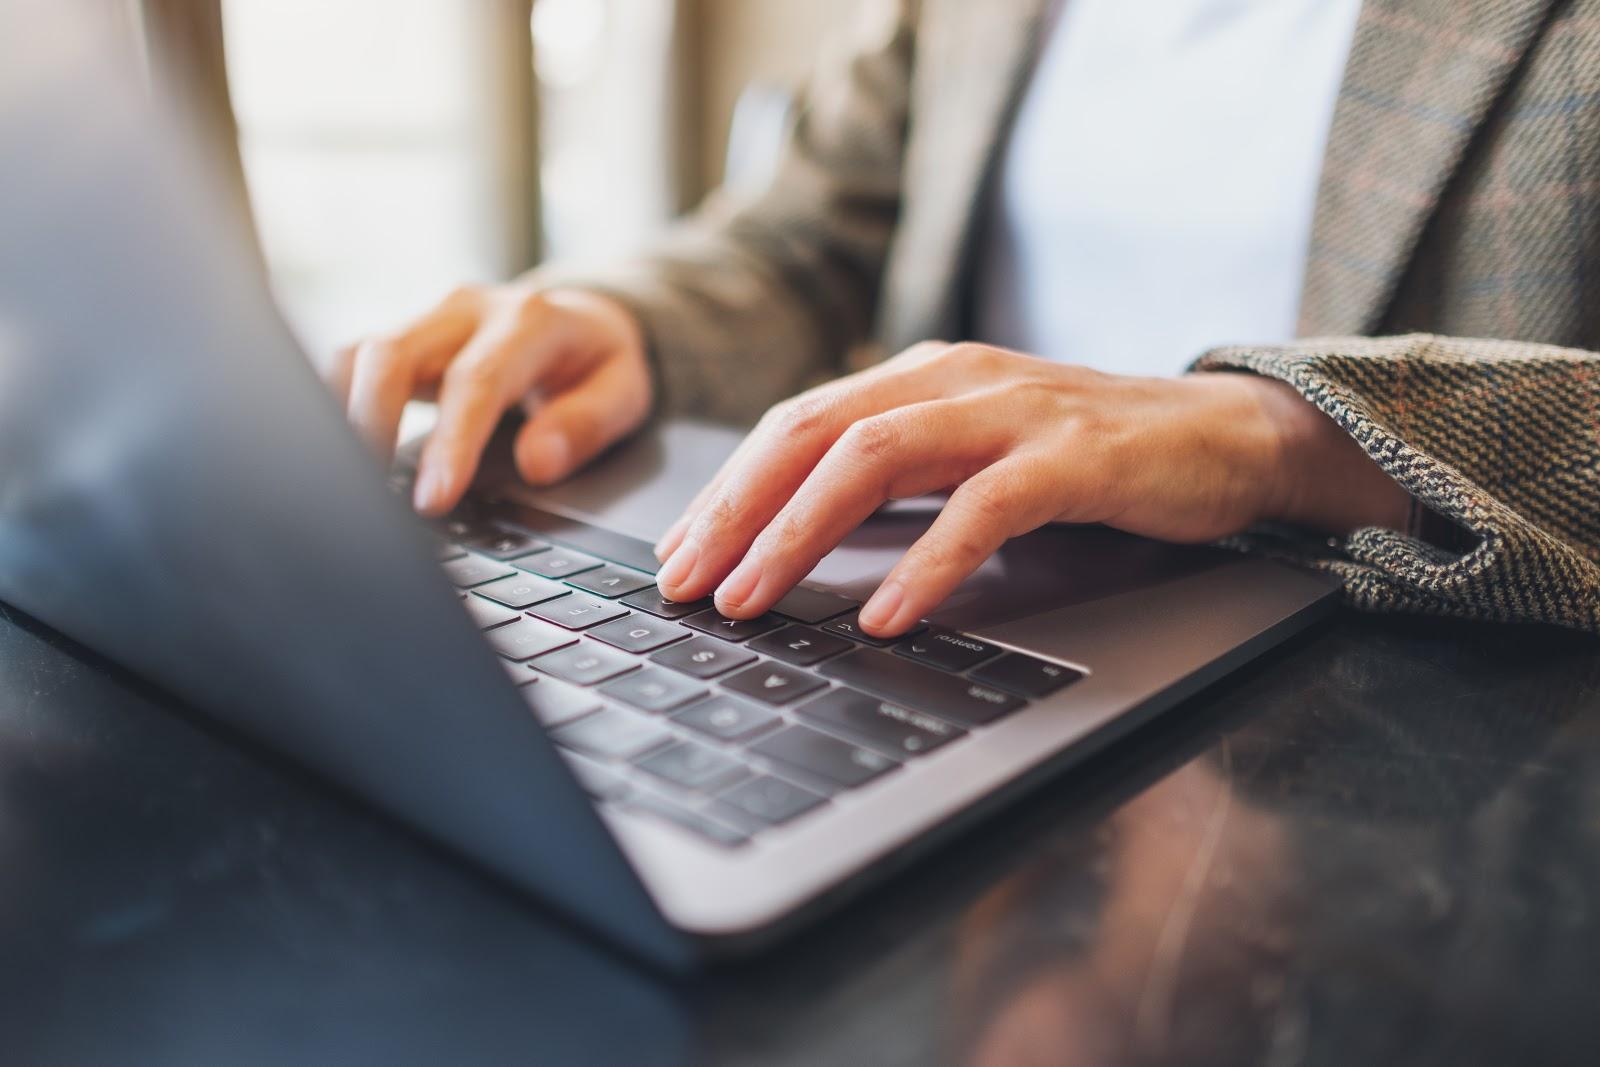 escribiendo en el teclado